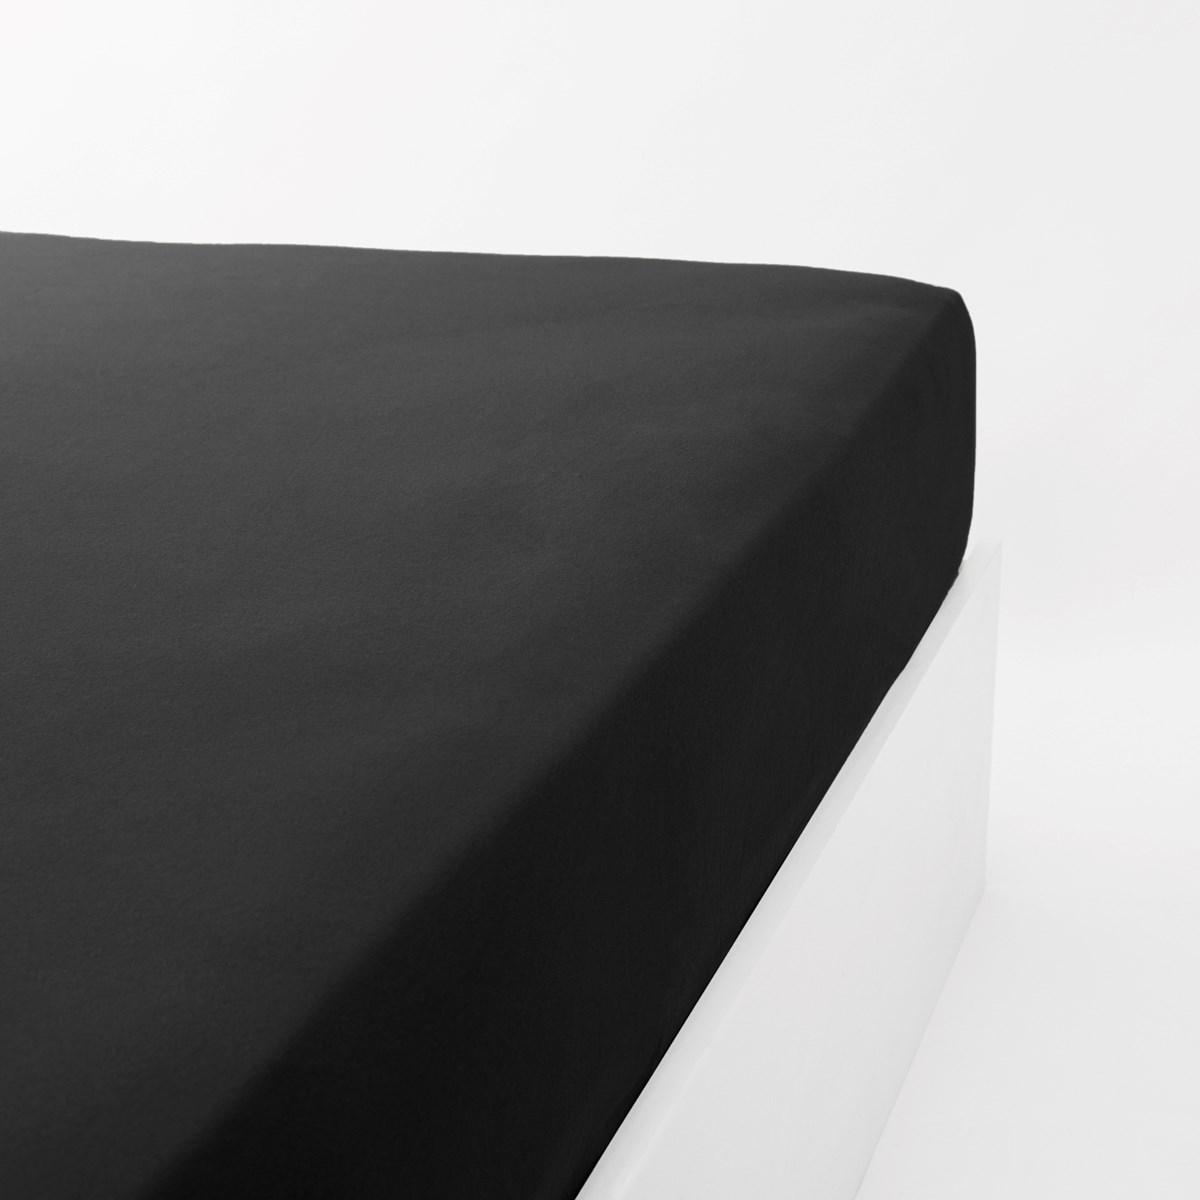 Drap housse jersey extensible en coton noir 200x200 cm